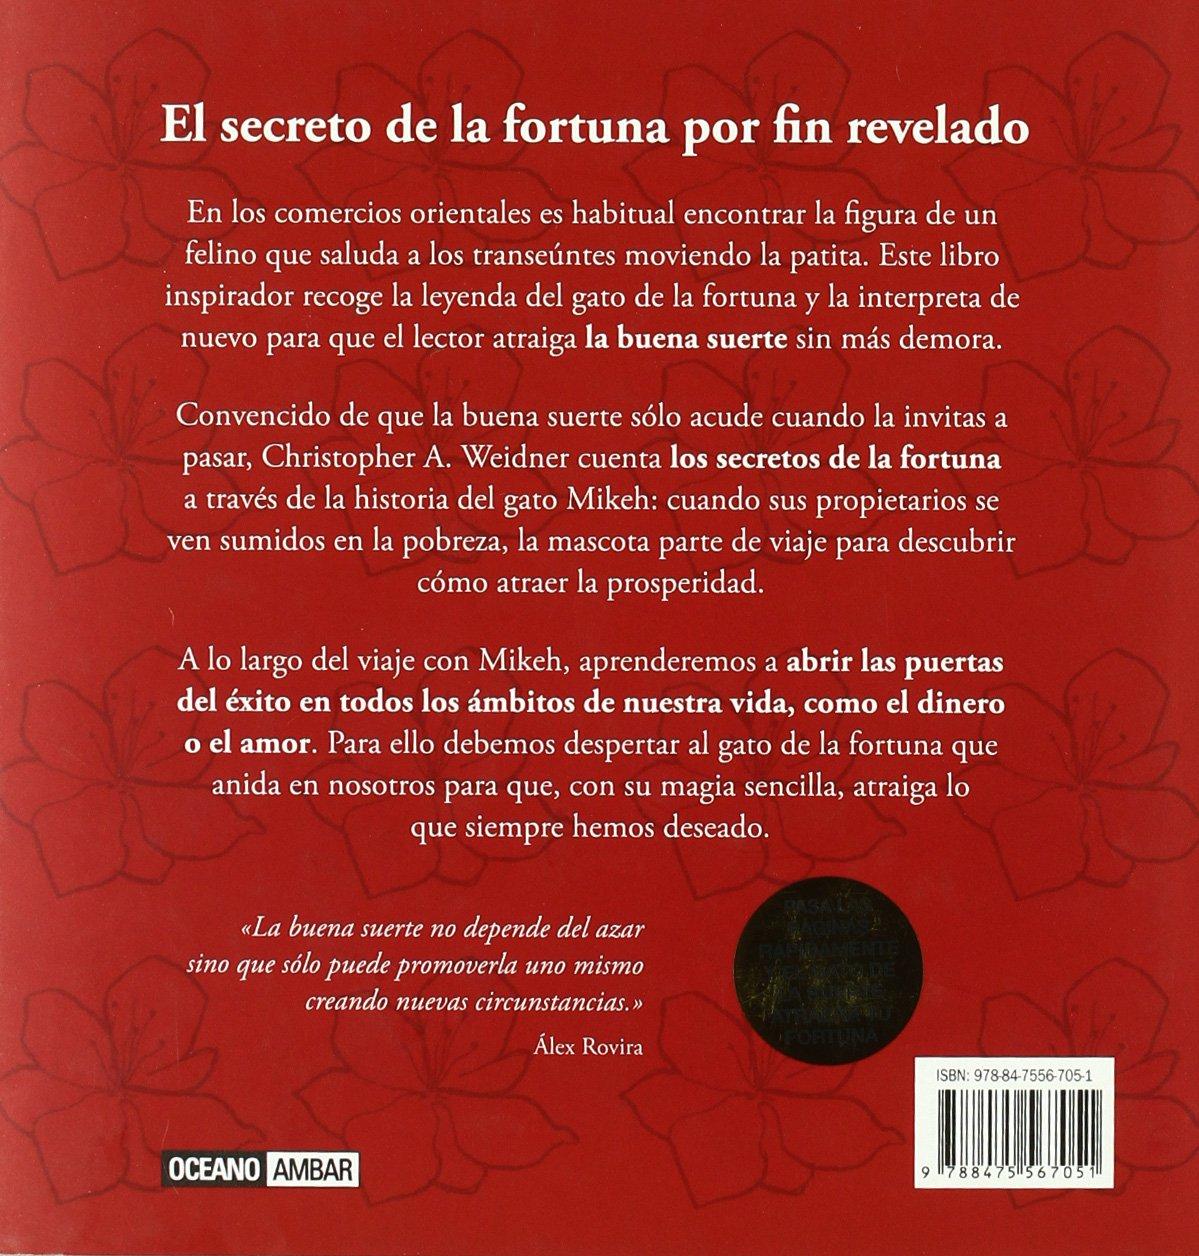 GATO DE LA SUERTE, EL SALUDA A LA FORTUNA Y ÉSTA TE DEVOLVERÁ EL SALUDO: CHRISTOPHER A. WEIDNER: 9788475567051: Amazon.com: Books